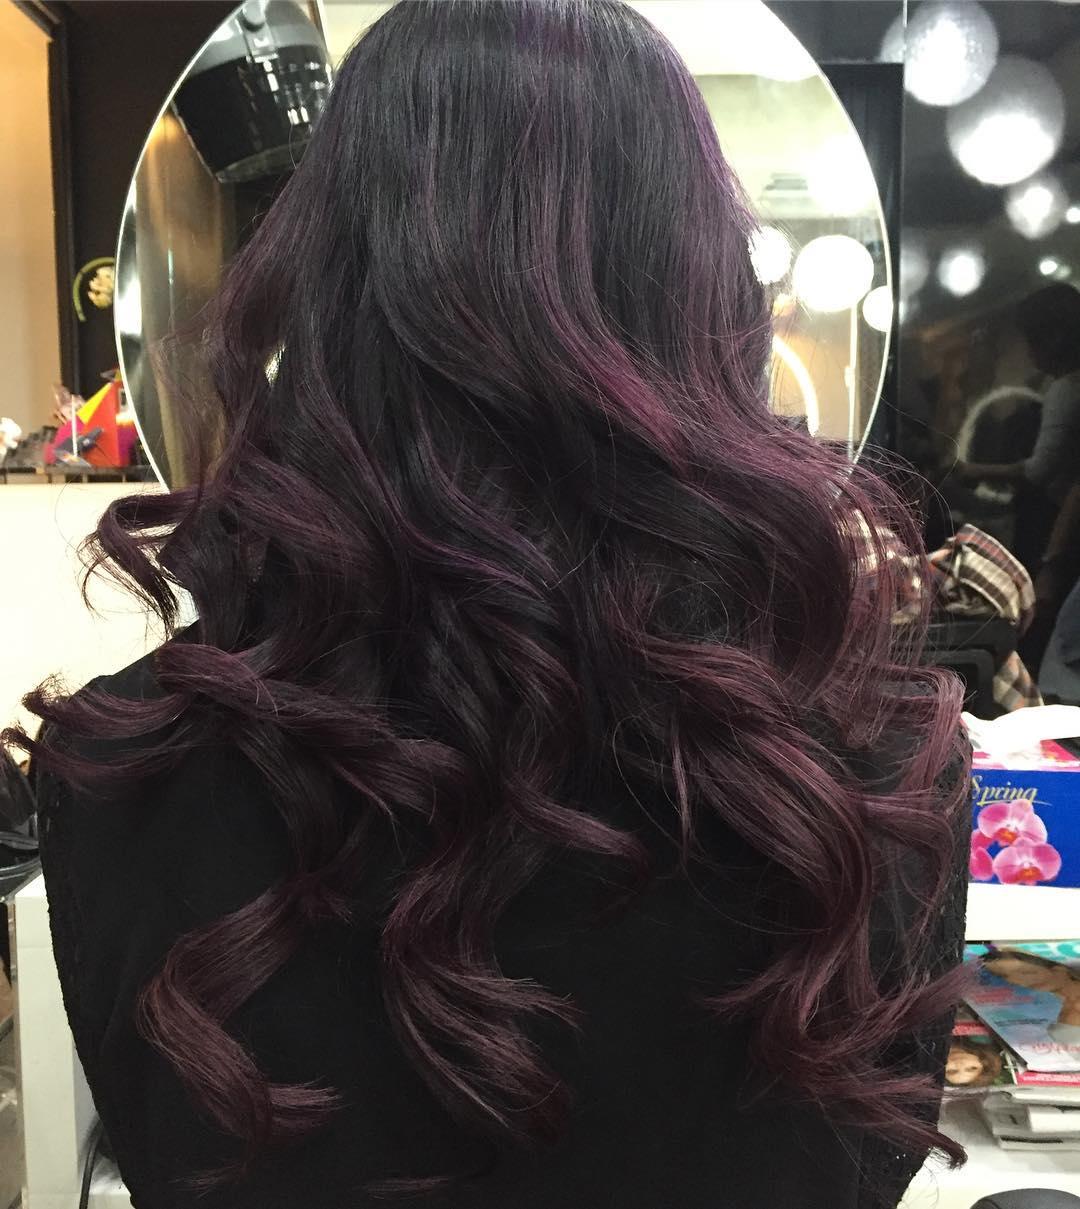 xzen hair salon ig img 04